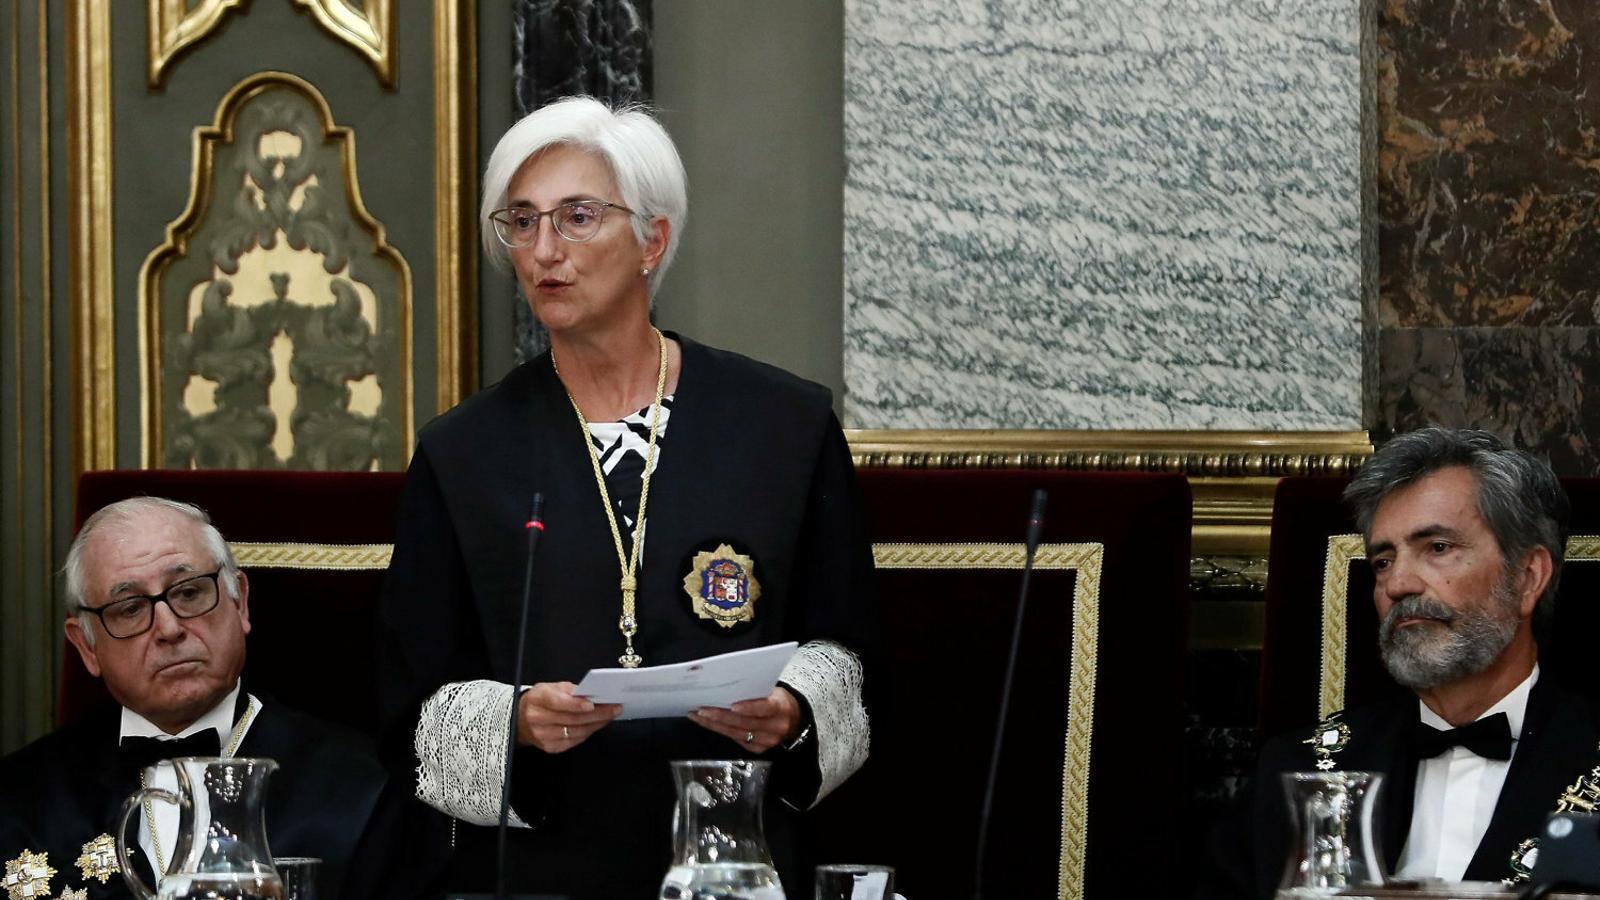 La fiscal general de l'Estat, María José Segarra, durant la inauguració de l'any judicial al Tribunal Suprem. / EFE